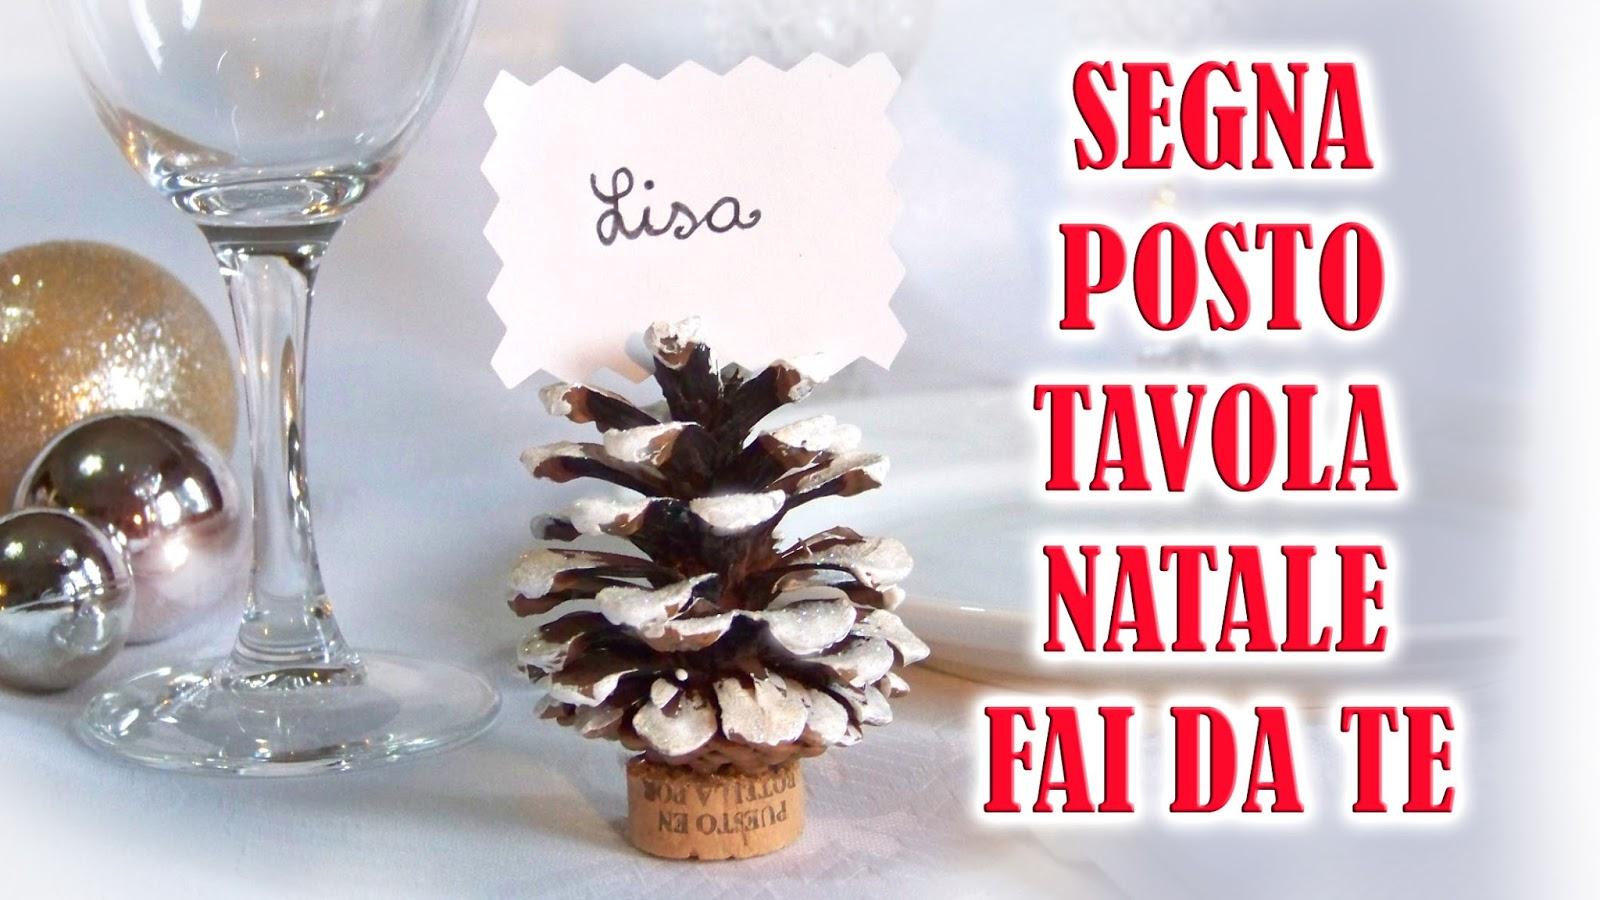 Decorare Tavola Natale Fai Da Te : Segnaposto natale decorazione con riciclo di tappi e pigne